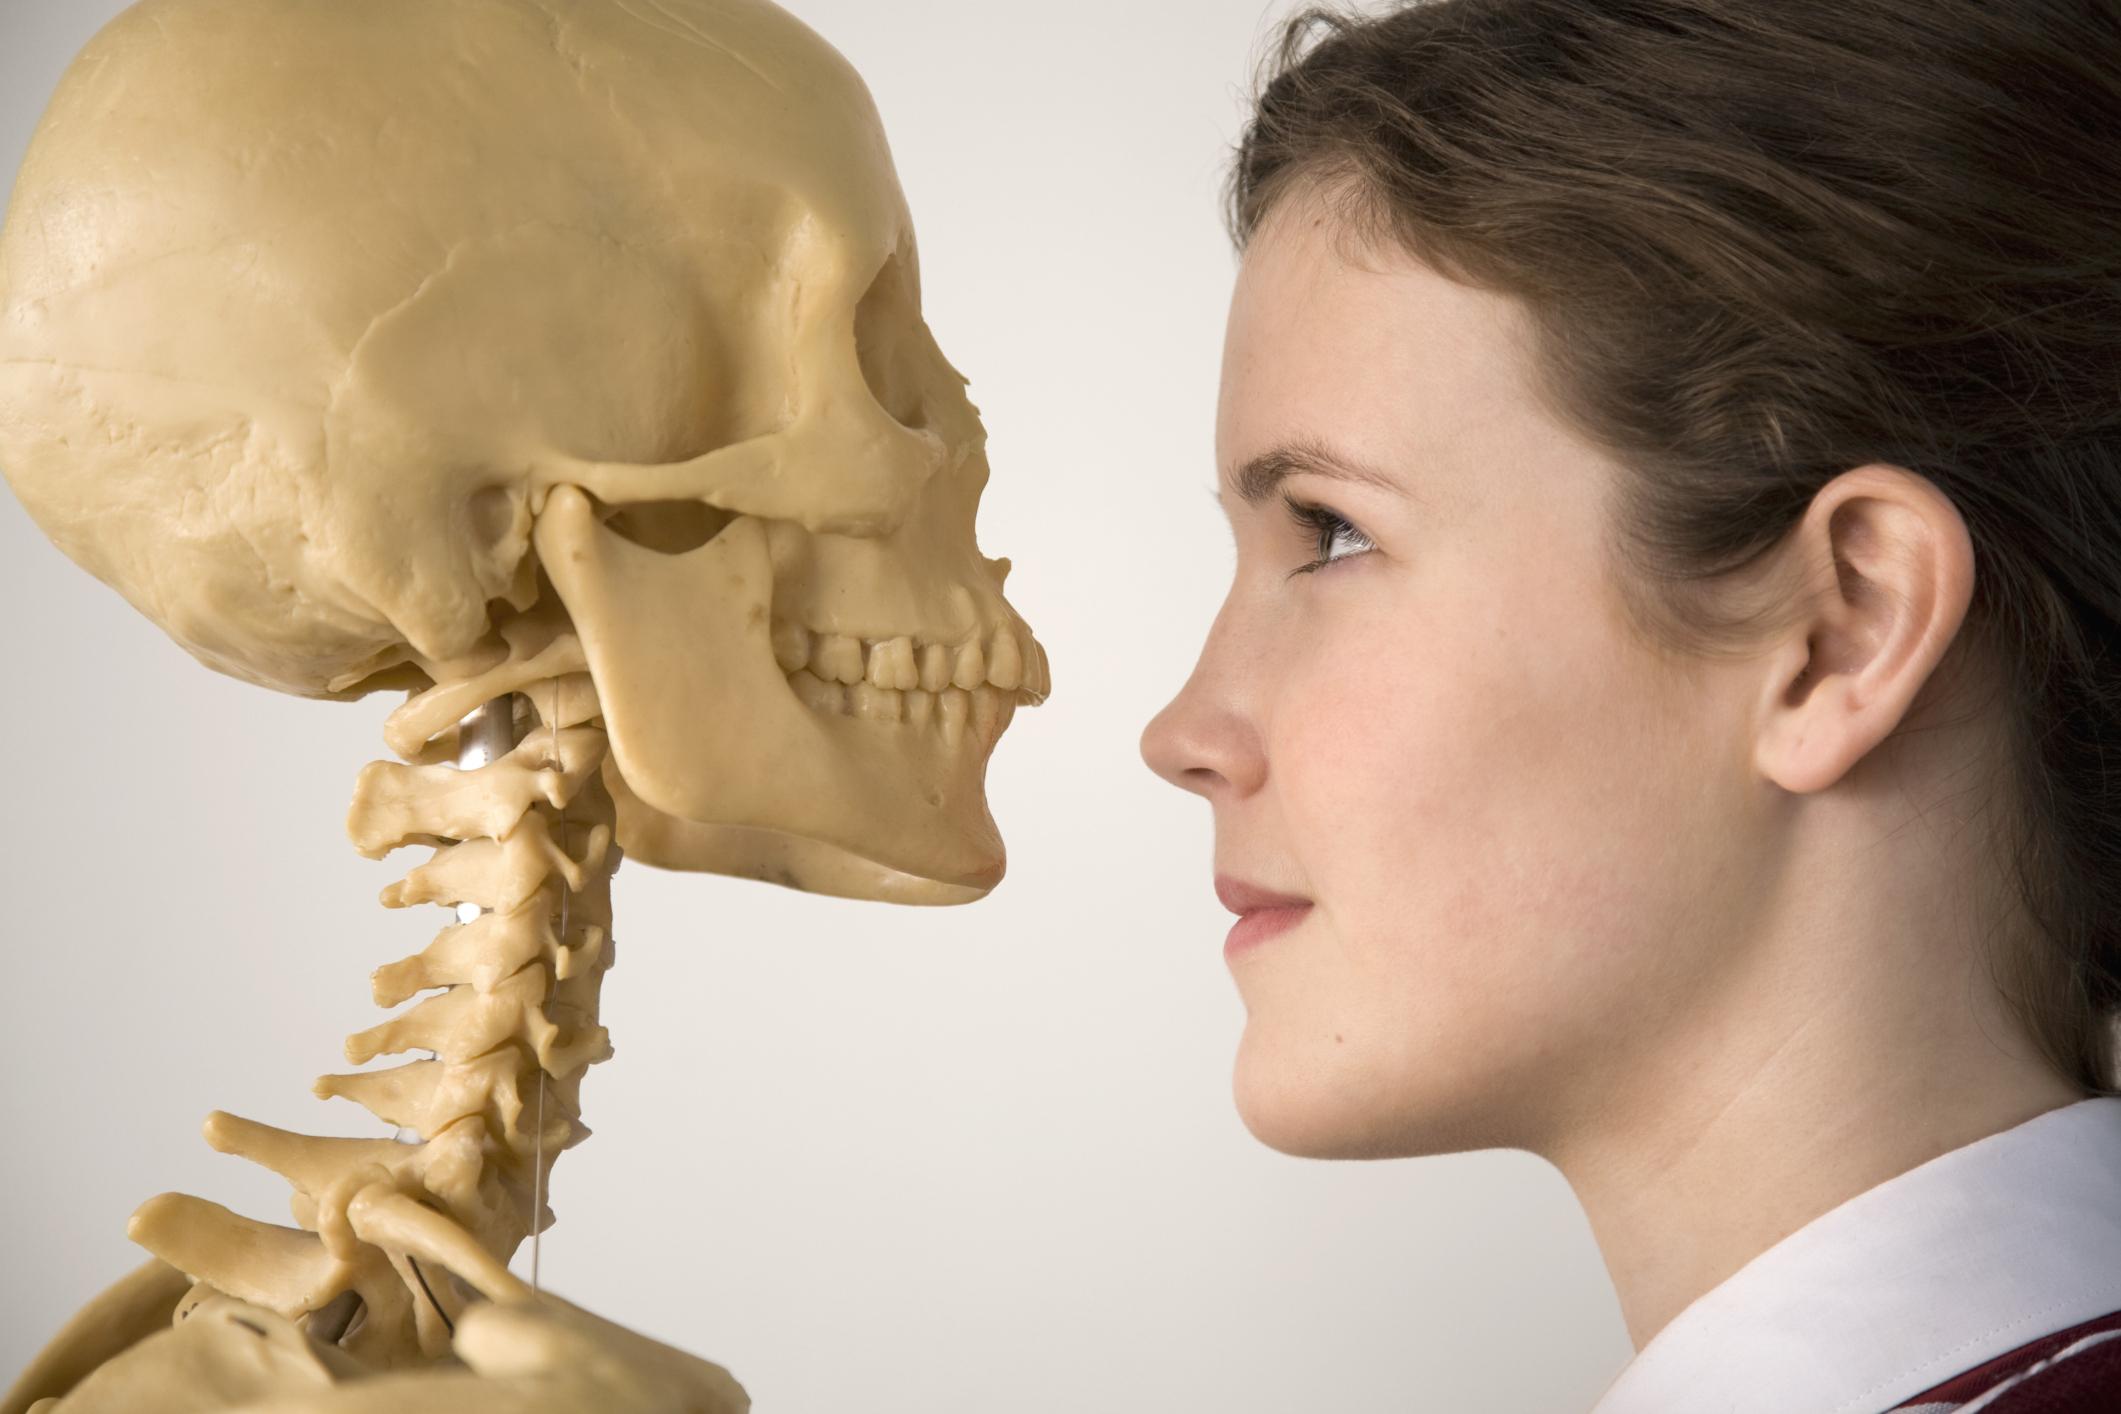 Женский остеопороз. Дефицит кальция